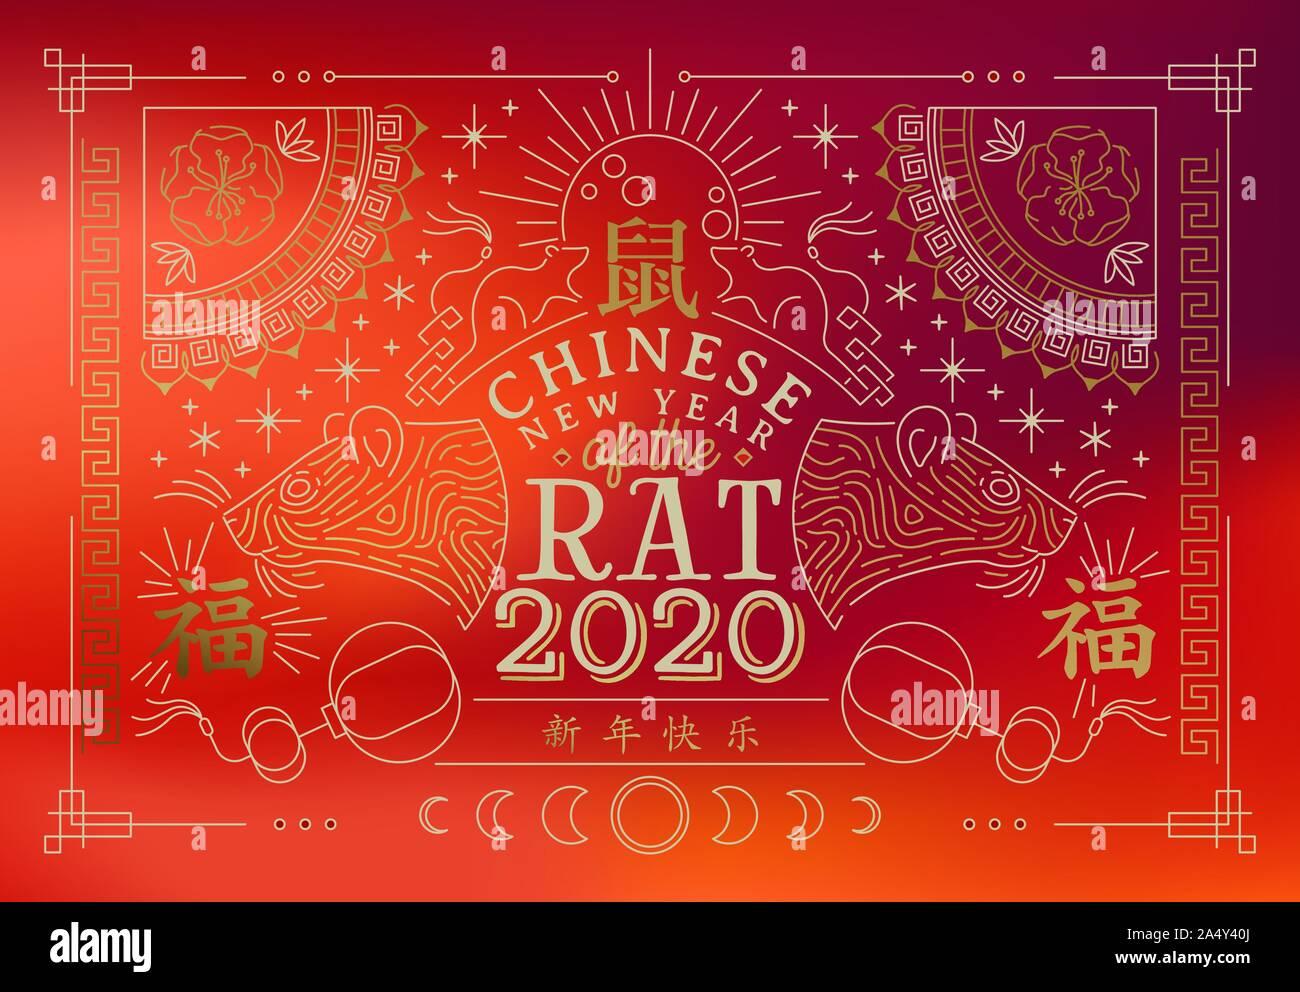 Le Nouvel An chinois 2020 carte de vœux de la souris d'or, décoration traditionnelle dans un style art moderne avec texte asiatique citation. Symbole calligraphie translati Illustration de Vecteur